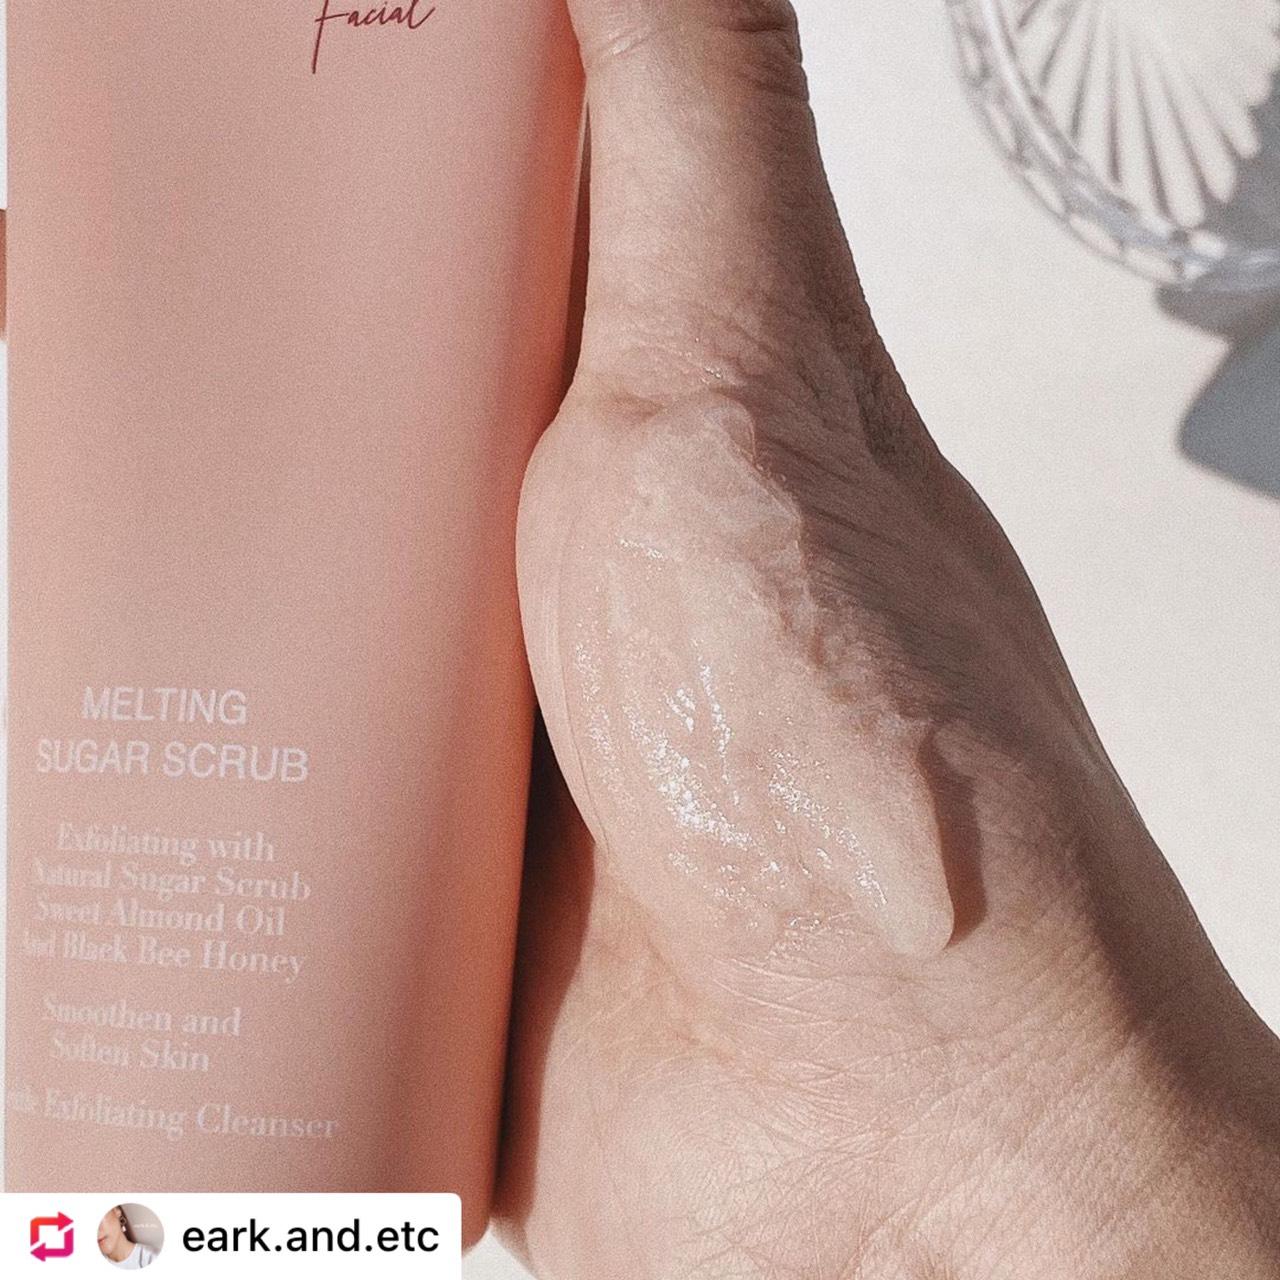 [ชิ้นที่สองราคา 1 บาท] Oab's Melting Sugar Scrub  100g โอป เมลติ้ง ชูก้า สครับ แถมขนาดทดลอง Oil Infused Water 2ซอง , Melt-On Skin Serum2ซอง (ราคาสำหรับ 2 ชิ้น)